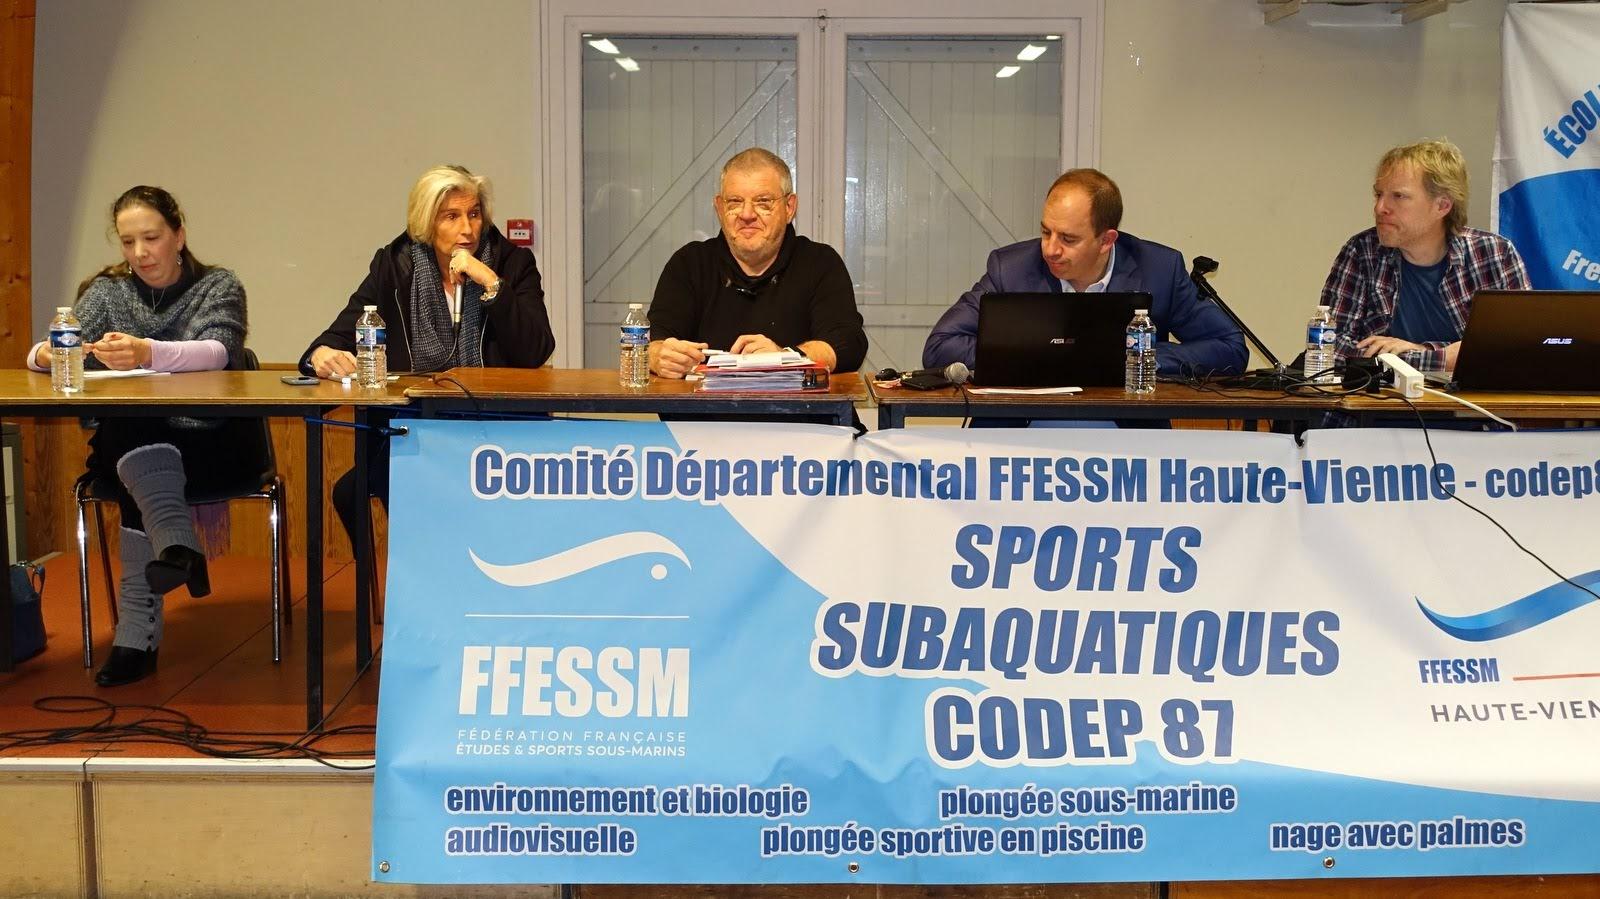 Haute Vienne 87 FFESSM CODEP87 - Sylvie Rozette - Sébastien Allegre - Aurélien Lazeiras